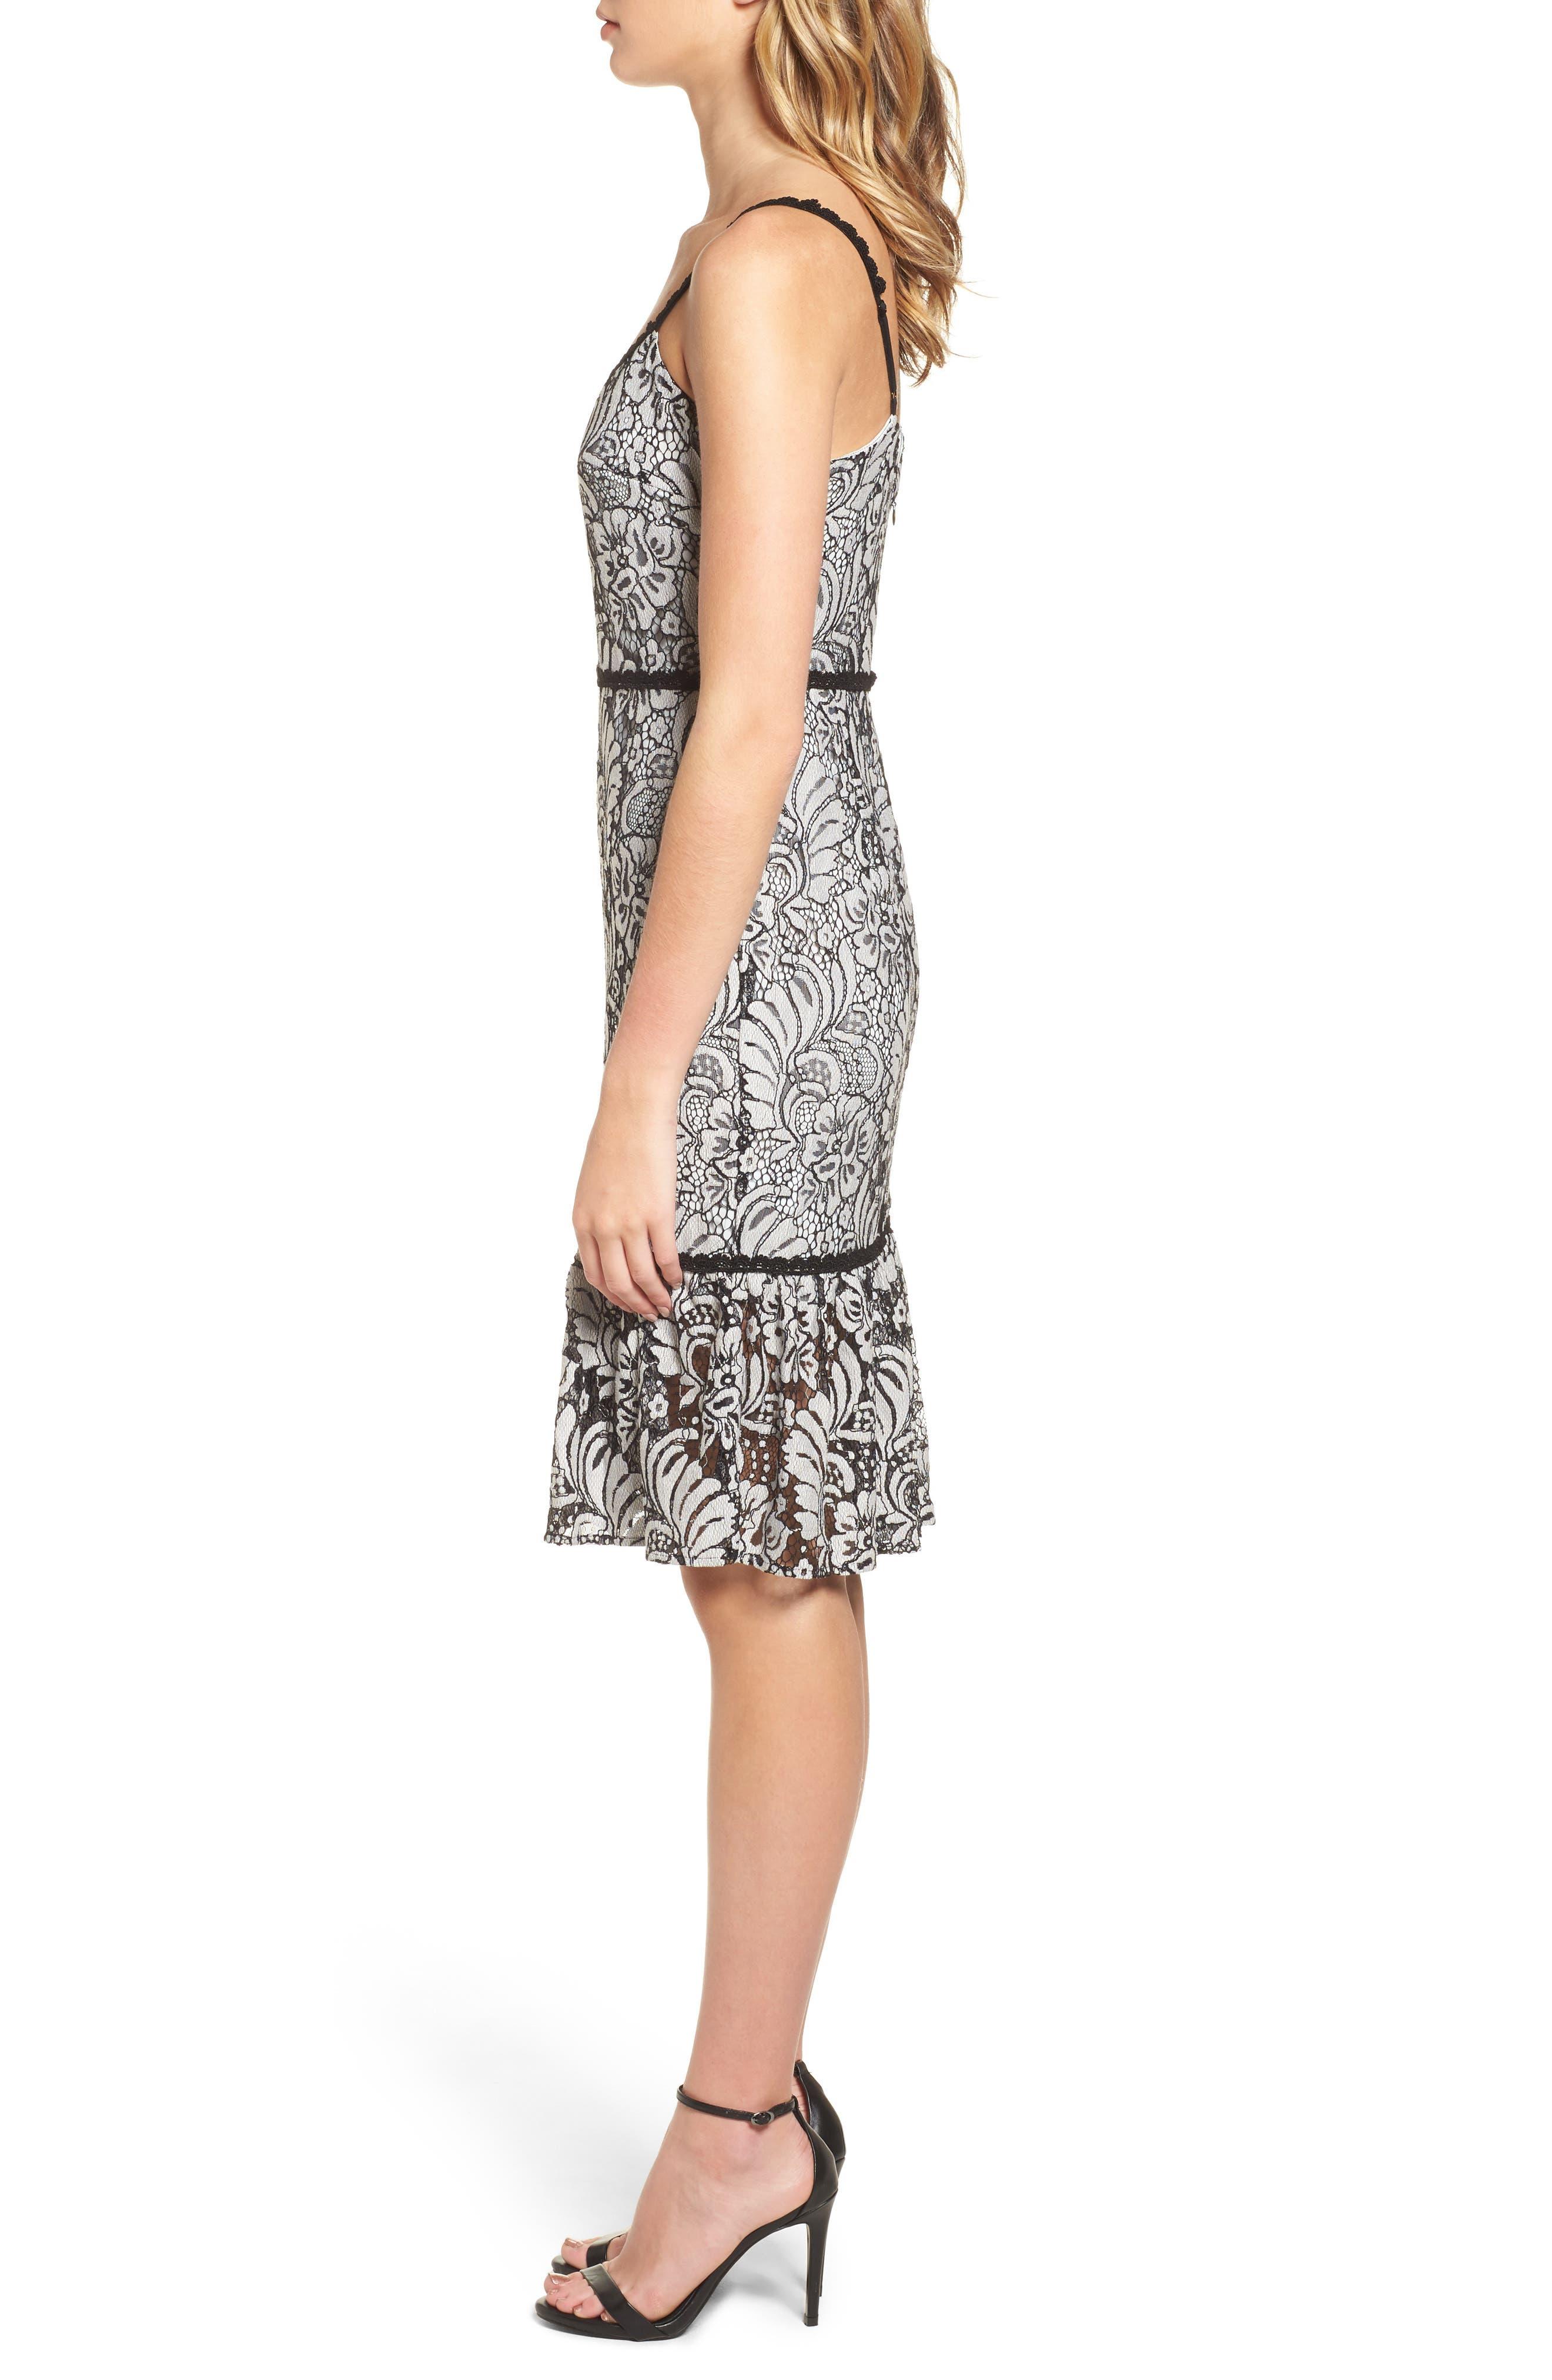 Sue Lace Dress,                             Alternate thumbnail 3, color,                             900